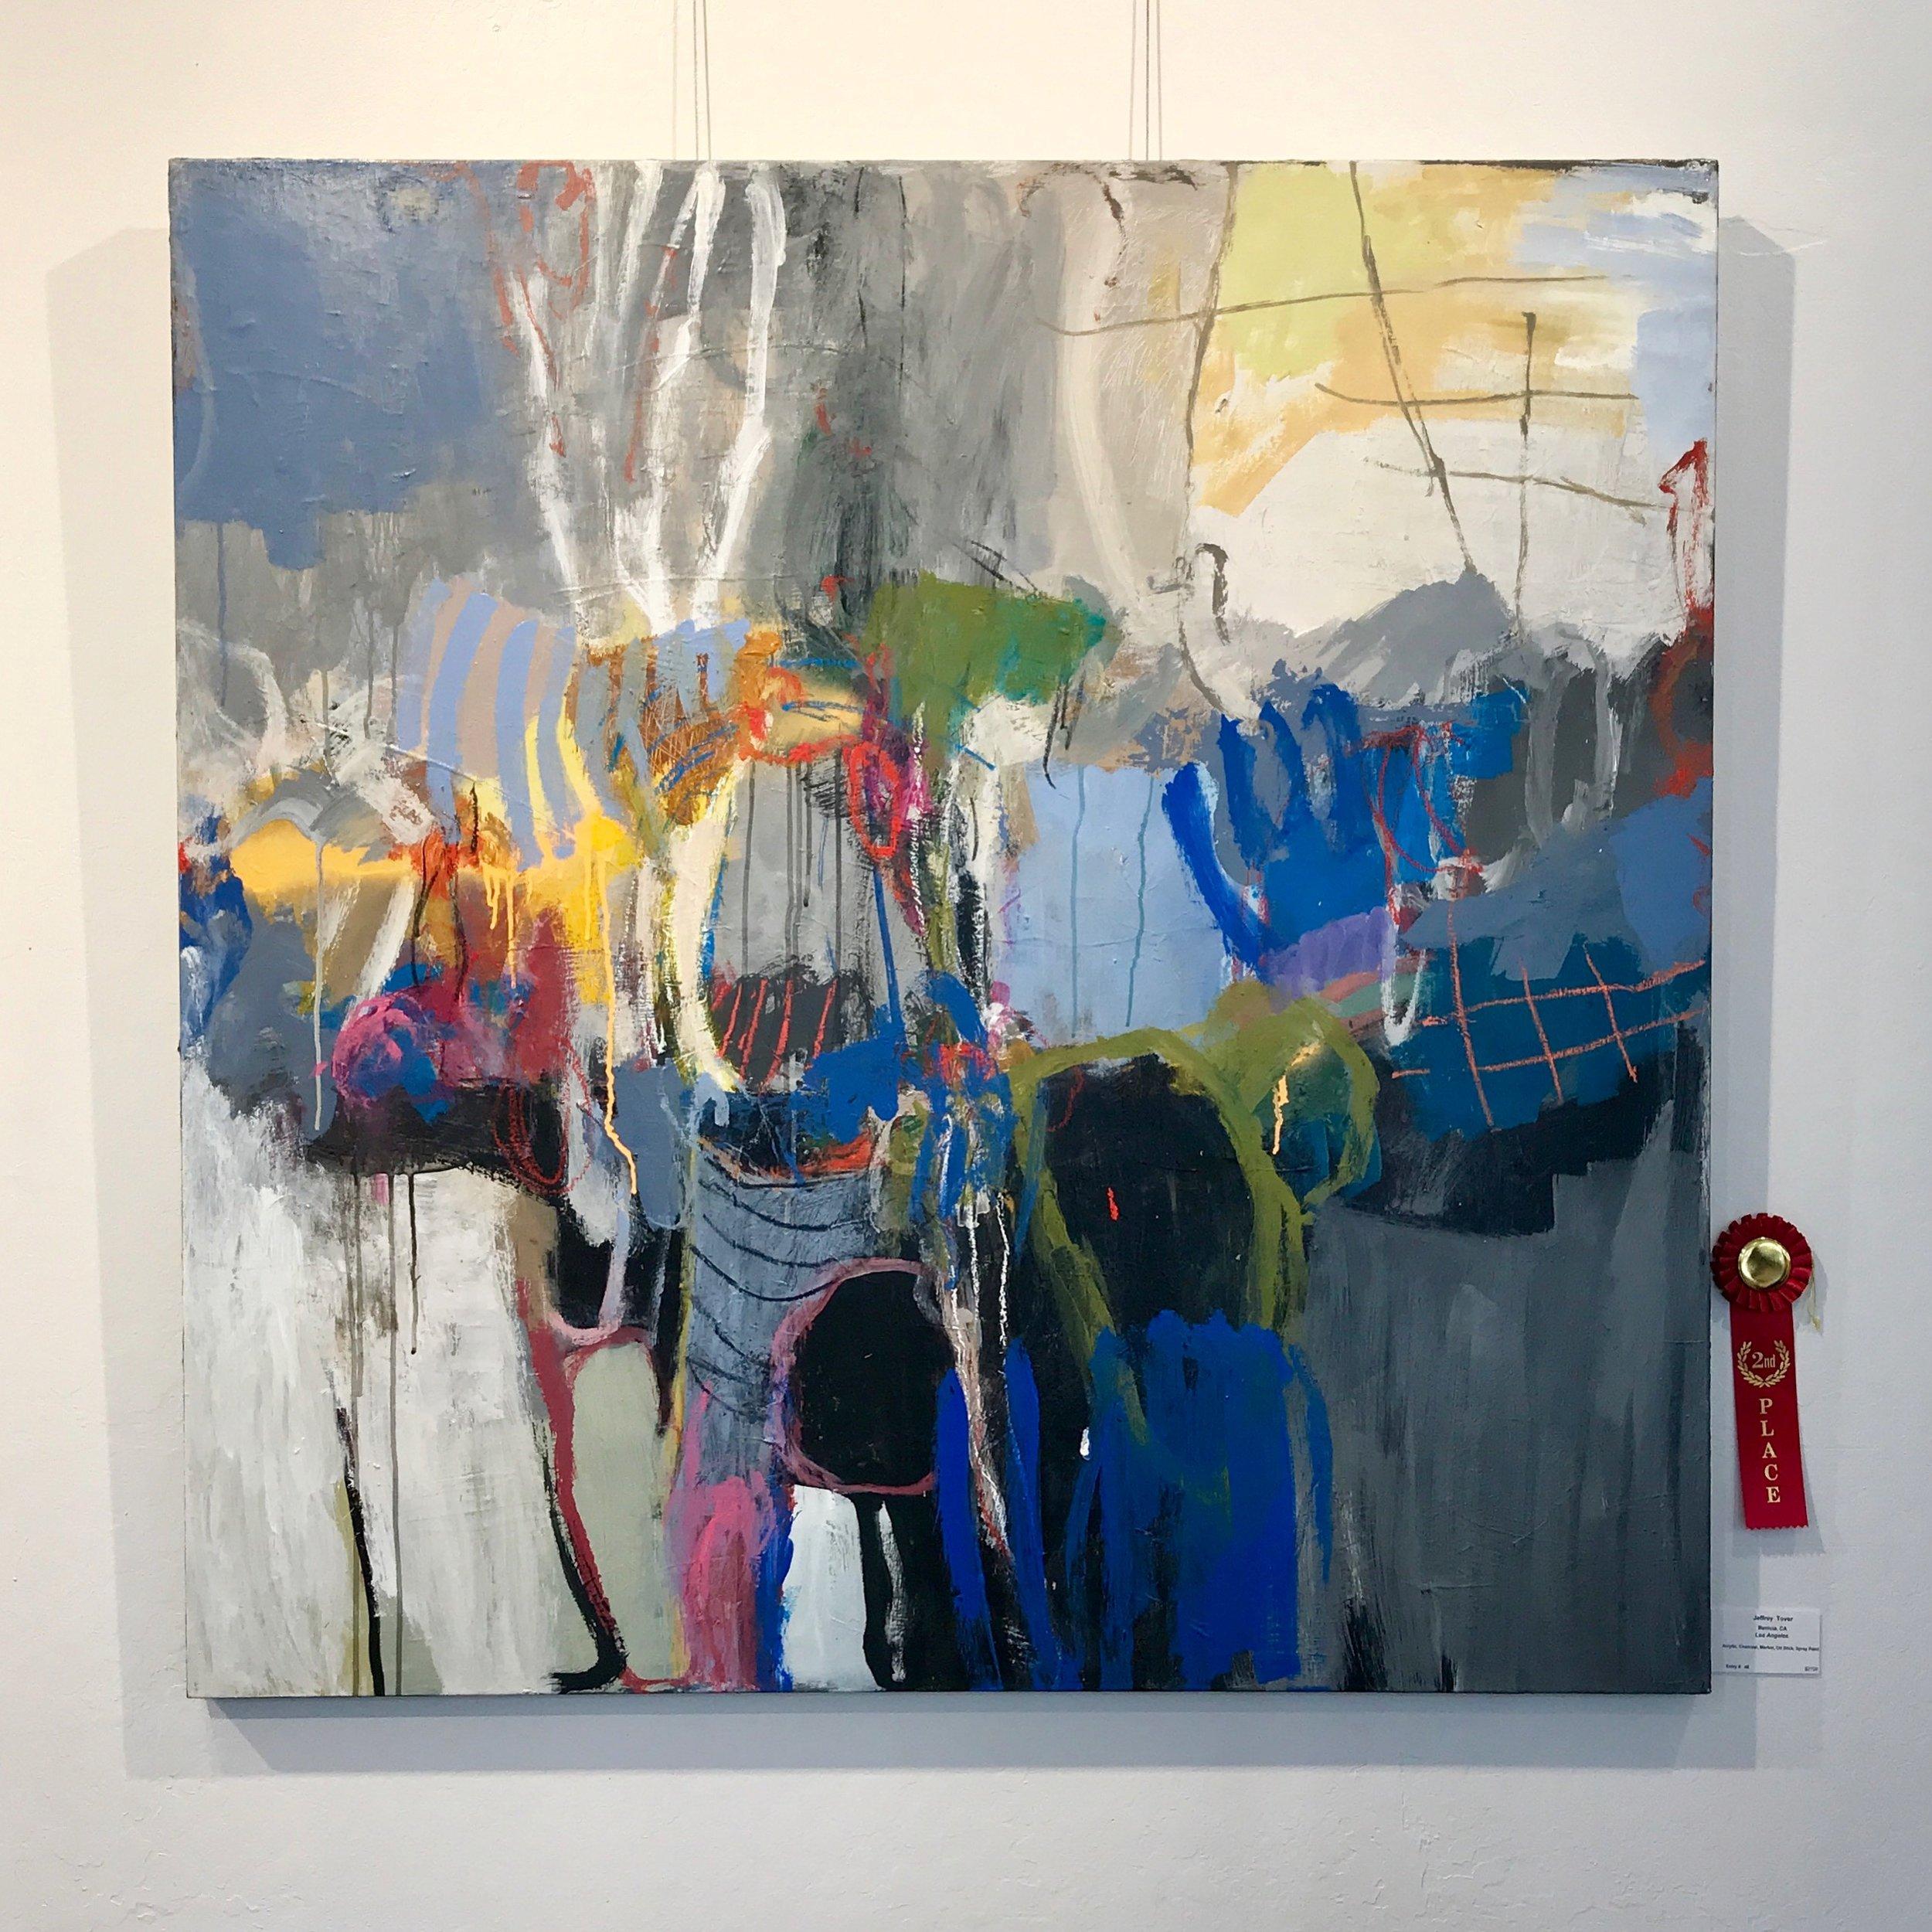 Marin Society of Artists (2018)